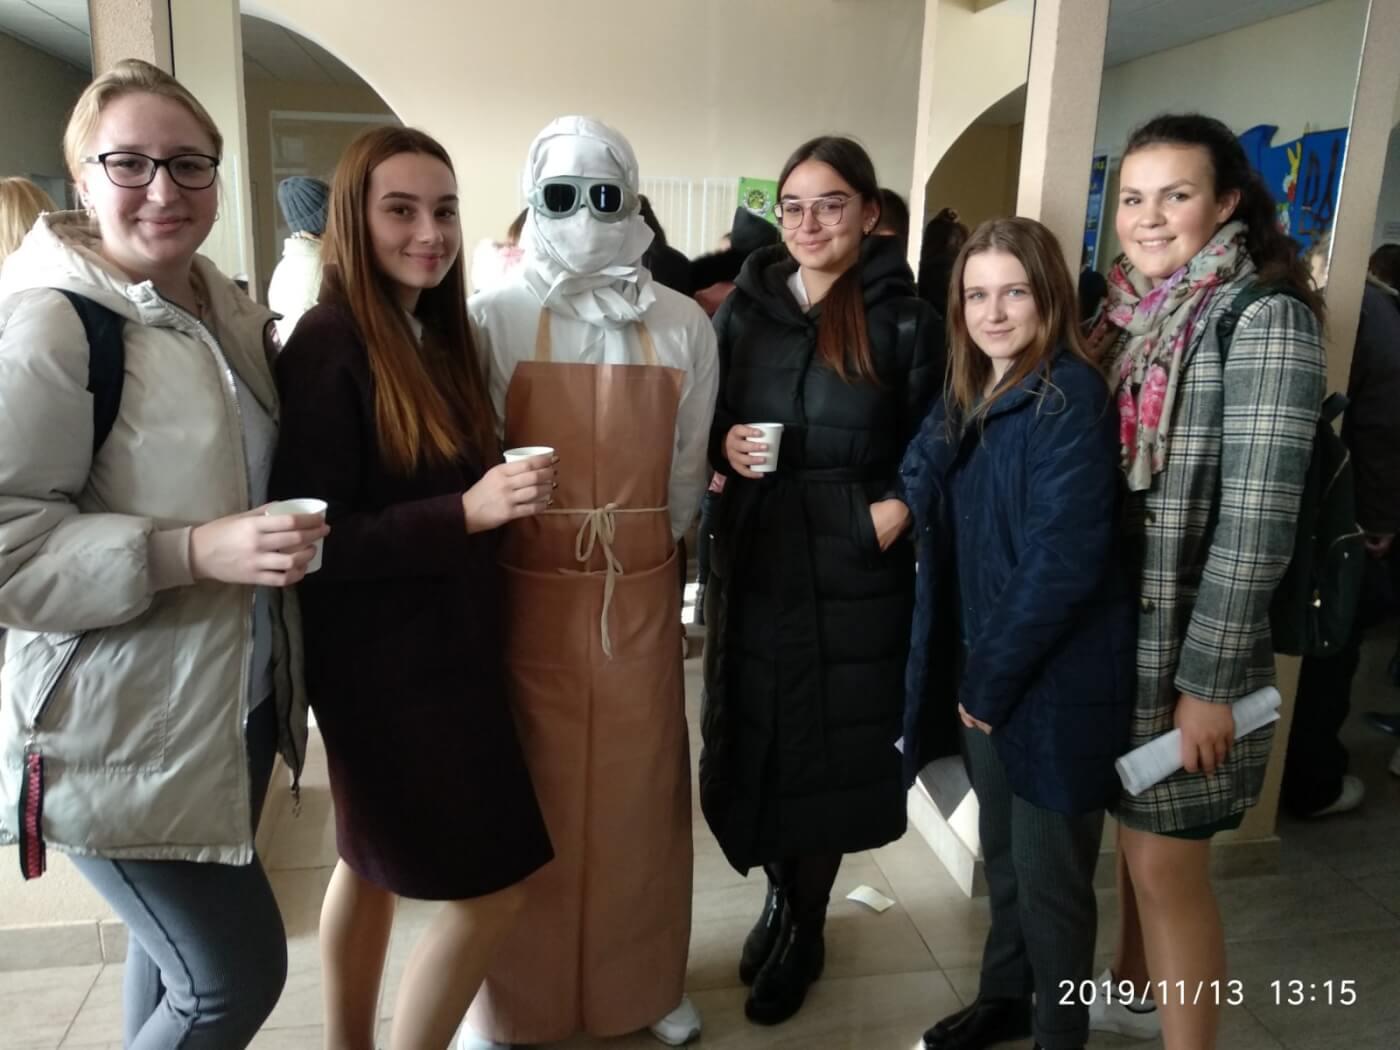 zobrazhennya viber 2019 11 13 14 39 30 - Ярмарок професій